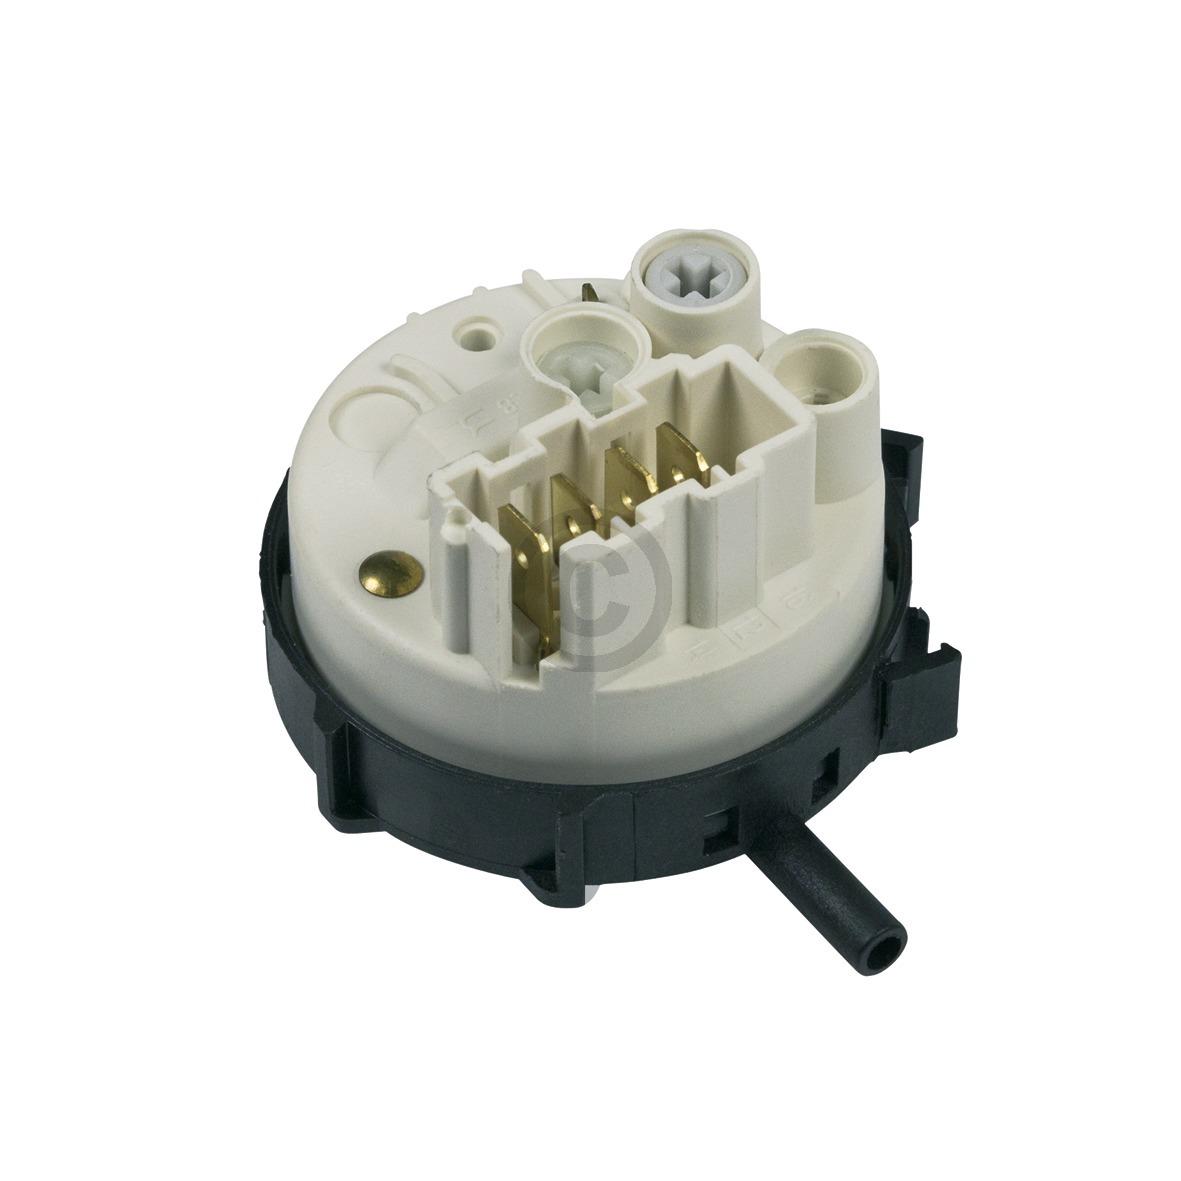 Druckwächter CANDY 41035075 Original für Waschmaschine Waschtrockner Candy Hoove